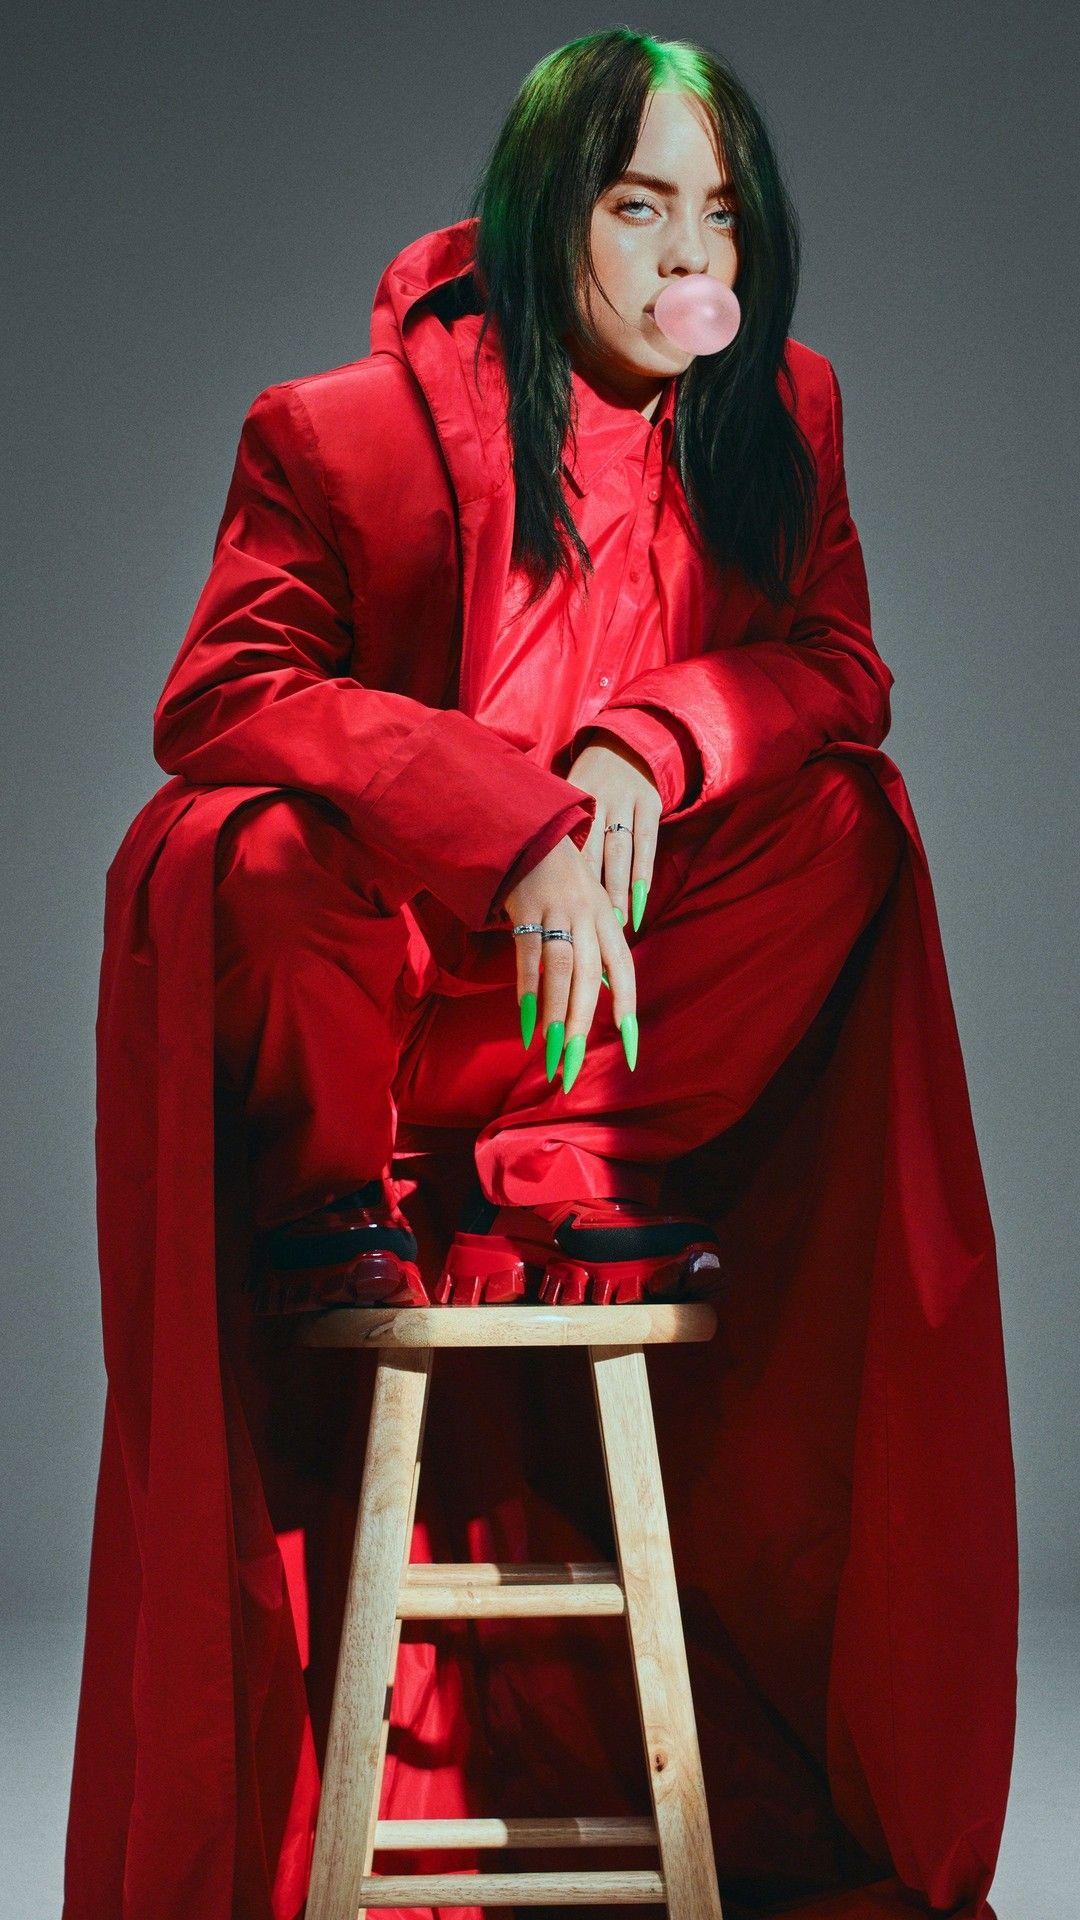 Billie Eilish Green Hair With Images Billie Eilish Billie